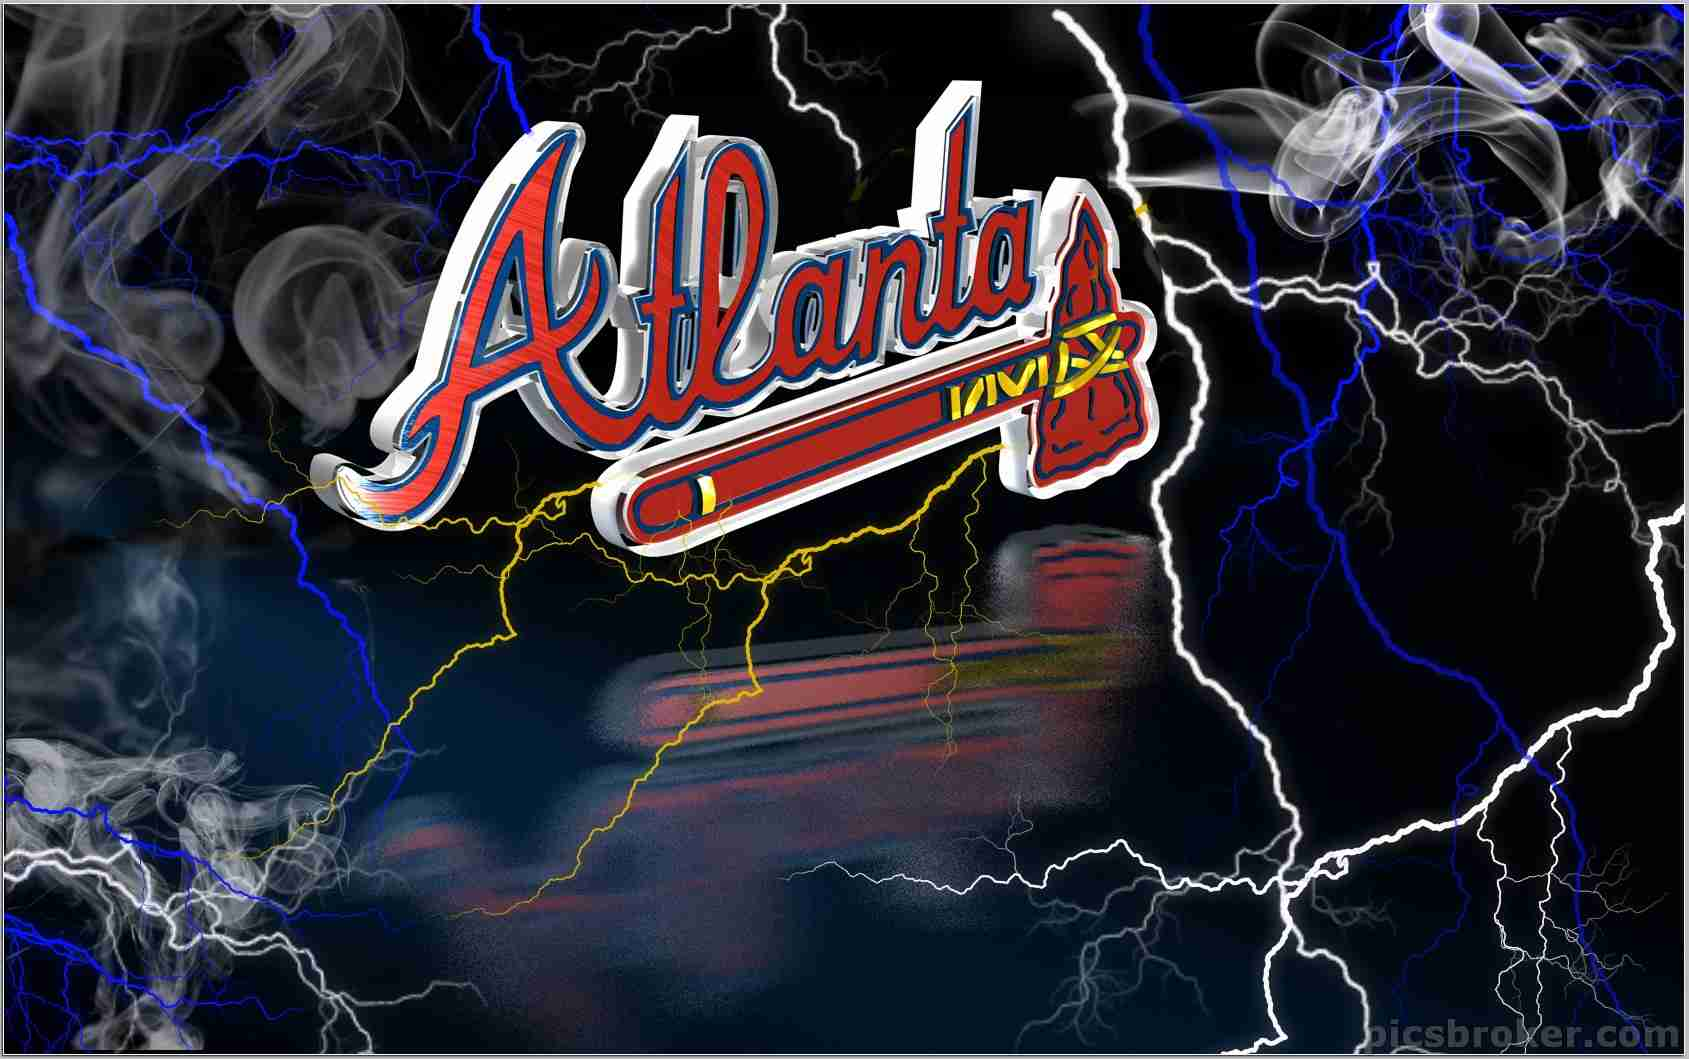 Atlanta Falcons Live Wallpaper Atlanta Braves Wallpaper Hd 2113683 Hd Wallpaper Backgrounds Download